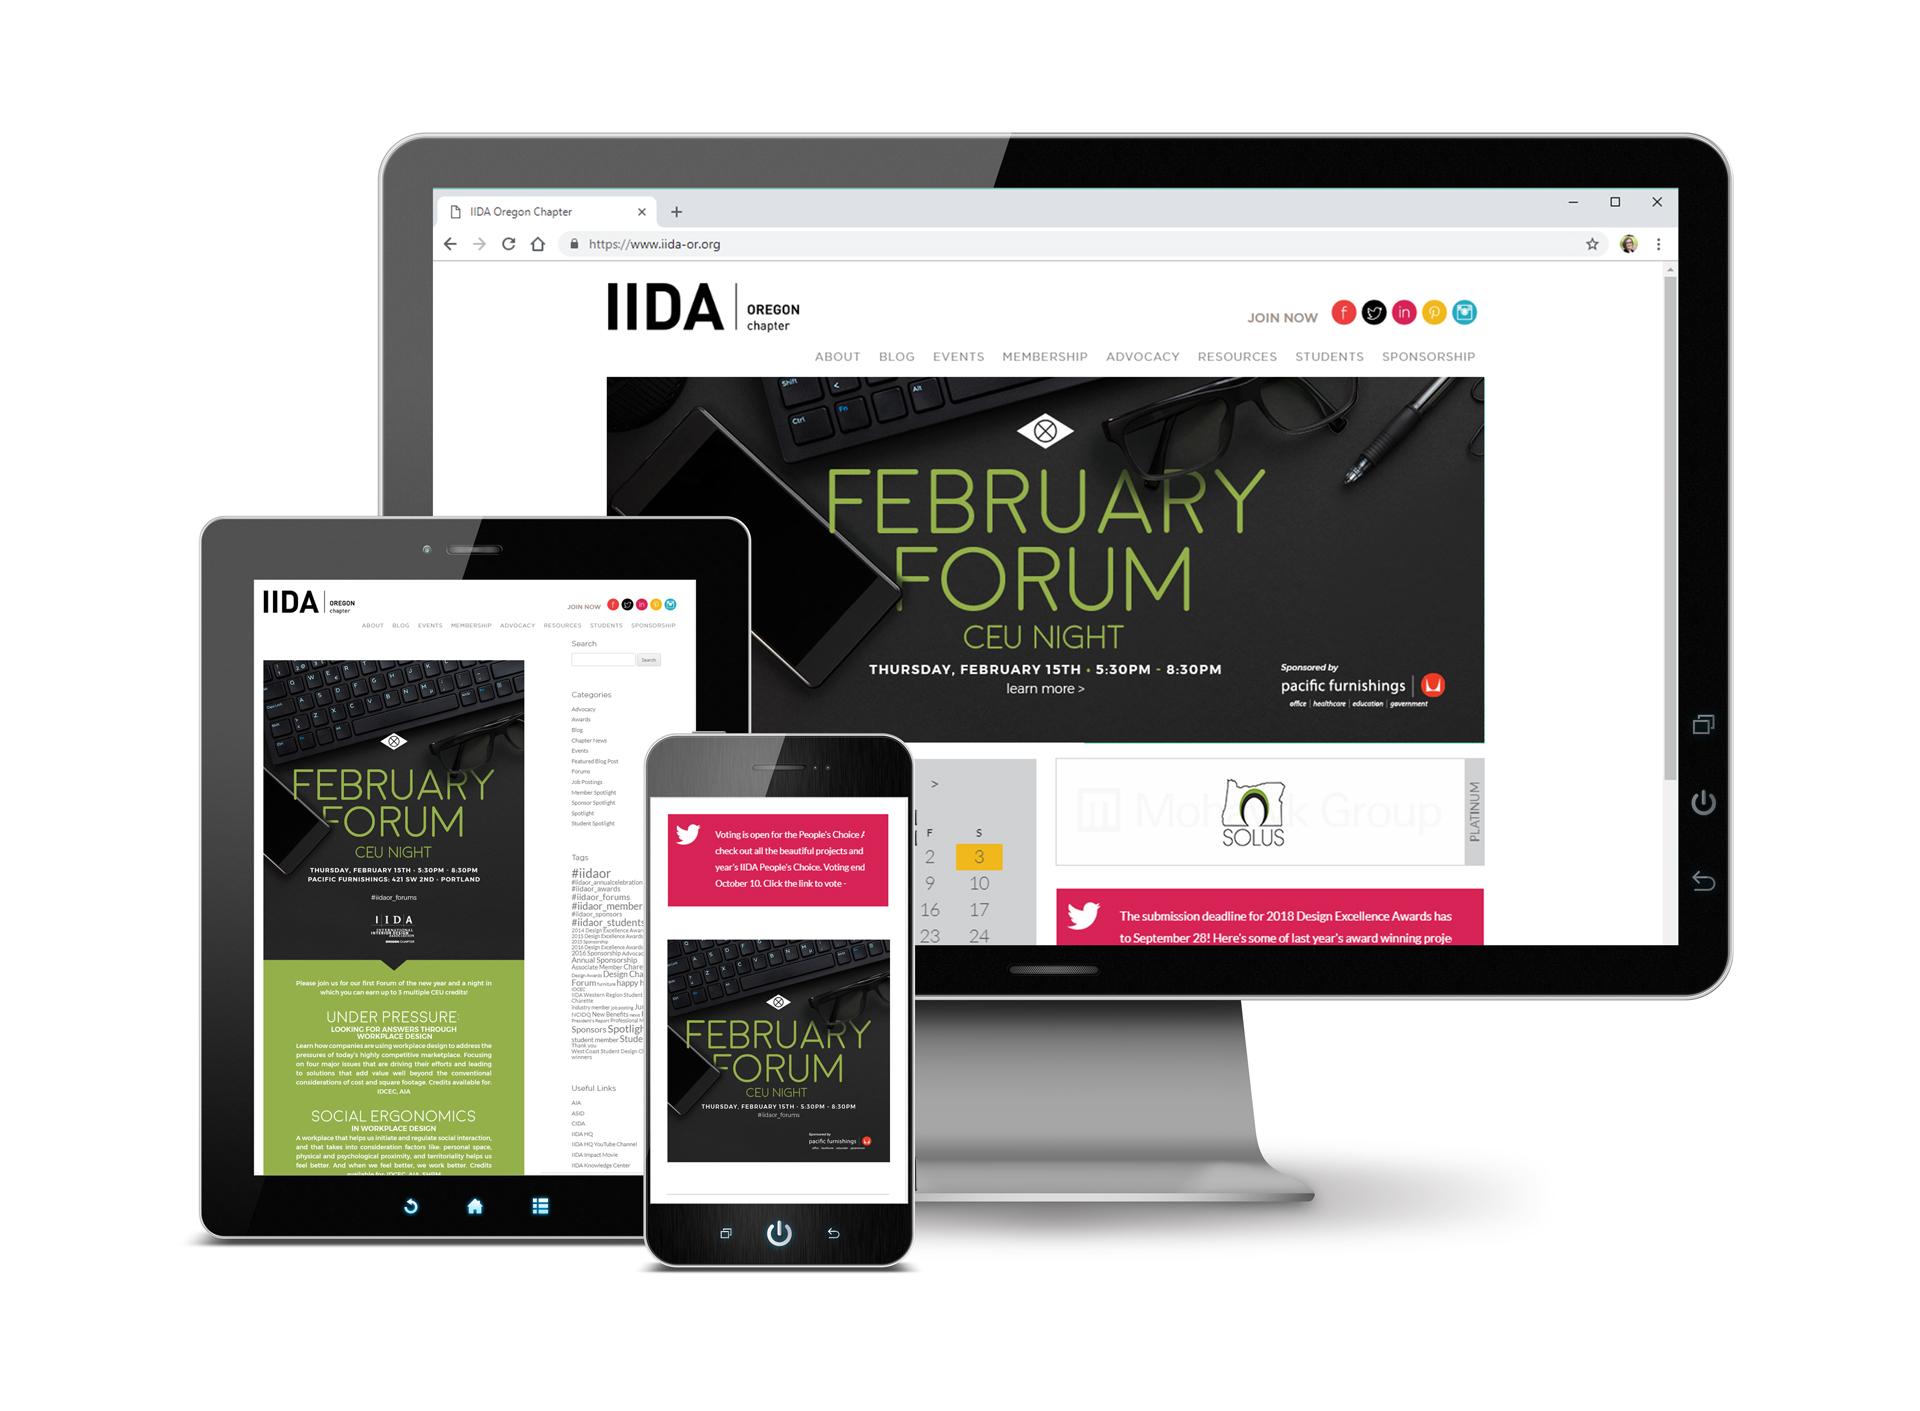 IIDAor_feb-forum.jpg